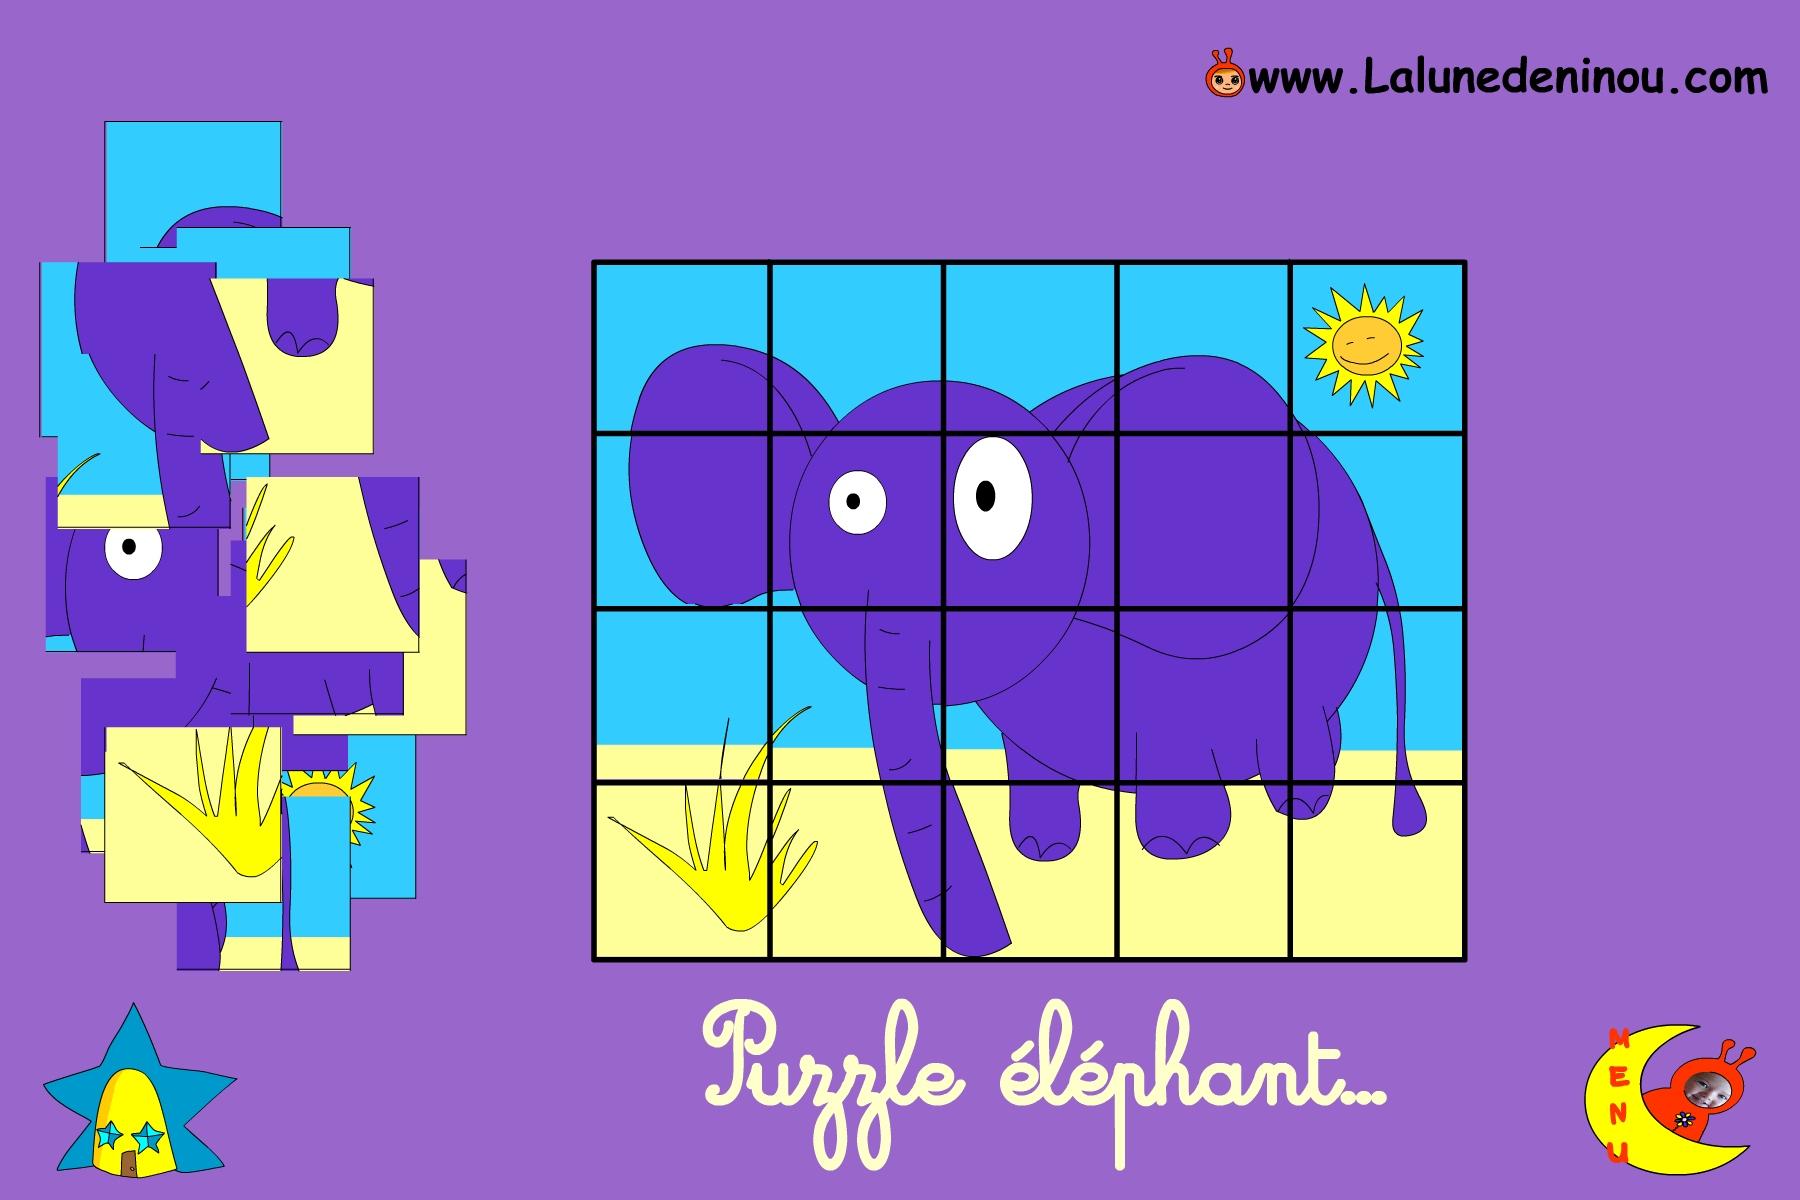 Puzzle En Ligne Pour Enfant De Maternelle - Lalunedeninou pour Jeux Fille 3 Ans Gratuits